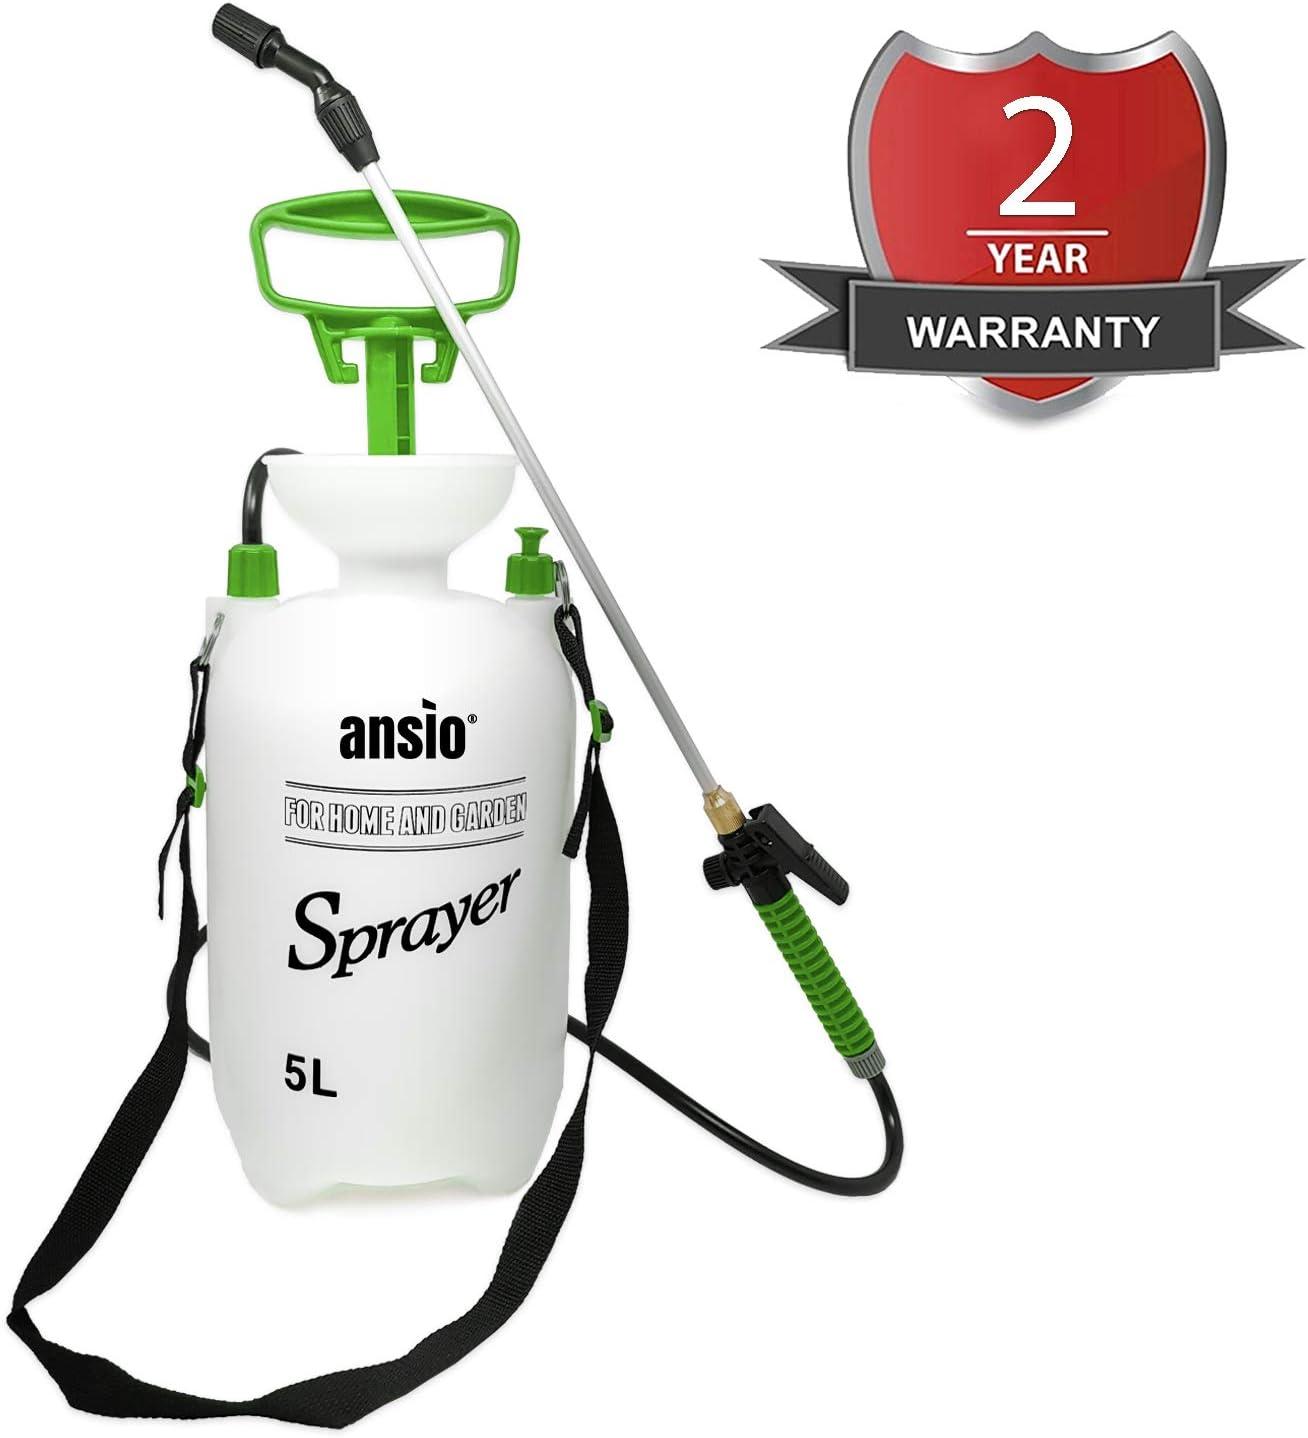 Pulverizador de jardín Pulverizador de presión Acción de Bomba, Ideal con herbicidas, pesticidas, herbicidas, insecticidas, fungicidas - Pulverizador de Bomba de Agua (5 L)